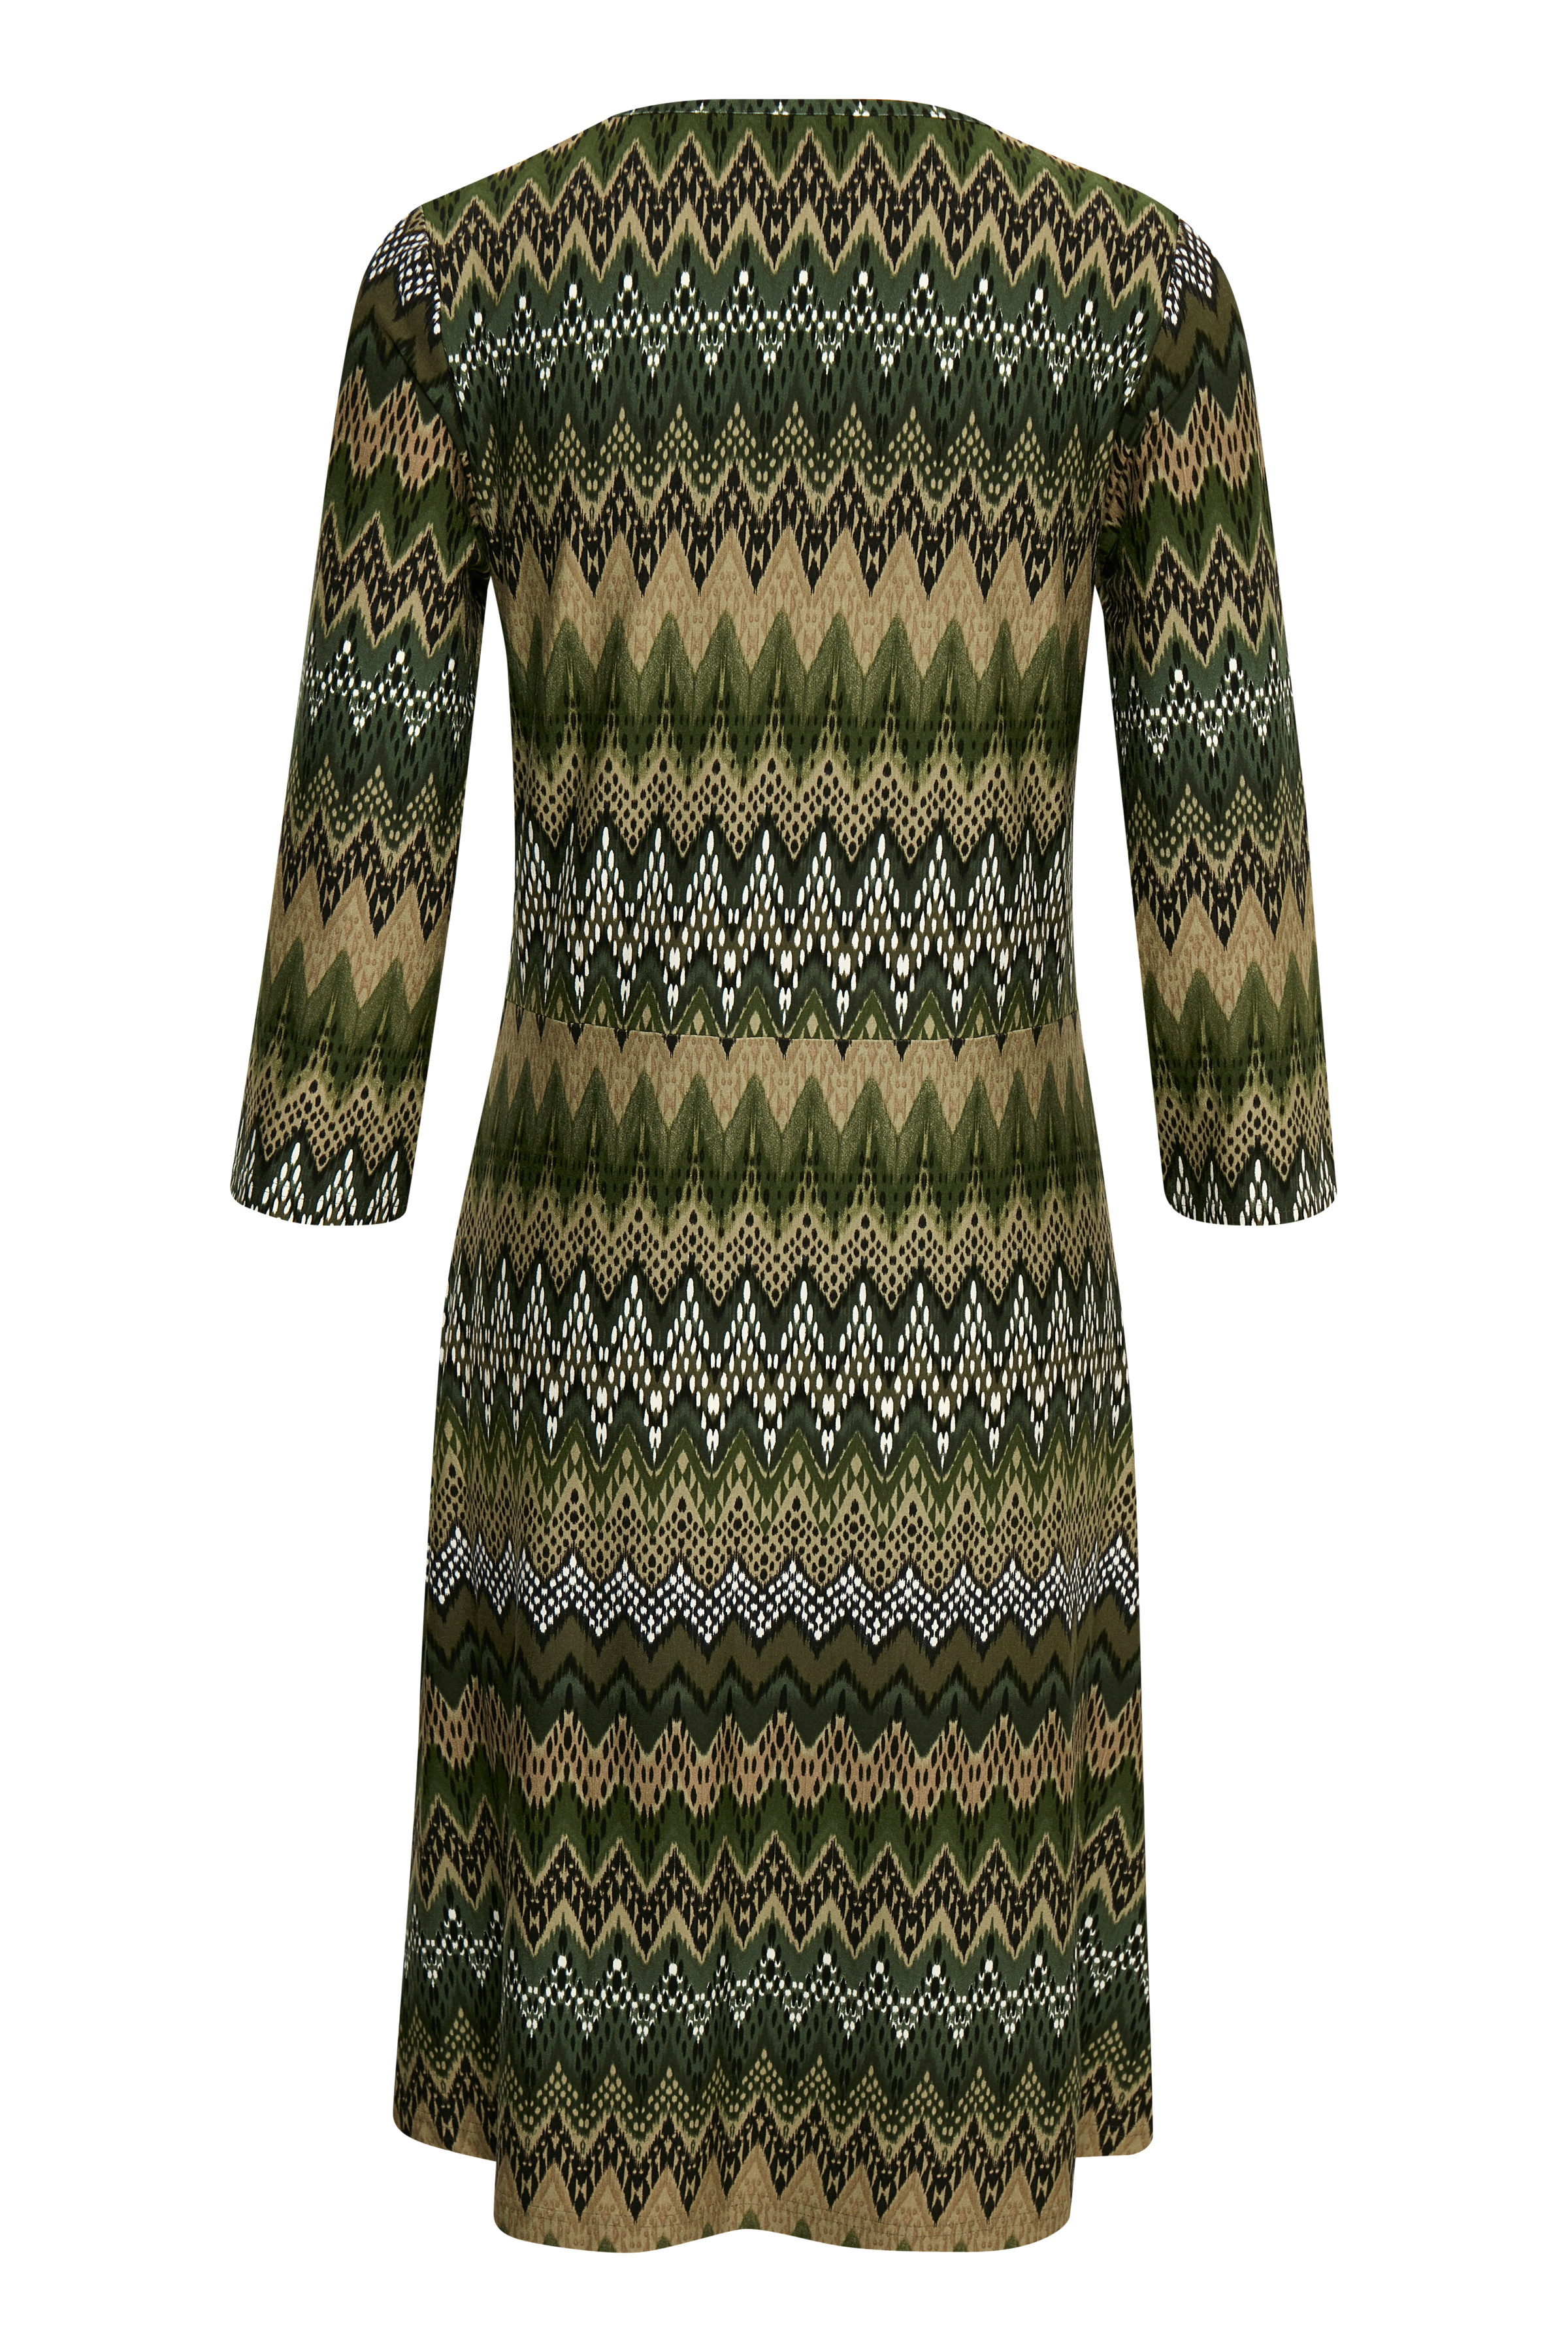 Dunkelgrün Kleid von Bon'A Parte – Shoppen Sie Dunkelgrün Kleid ab Gr. S-2XL hier